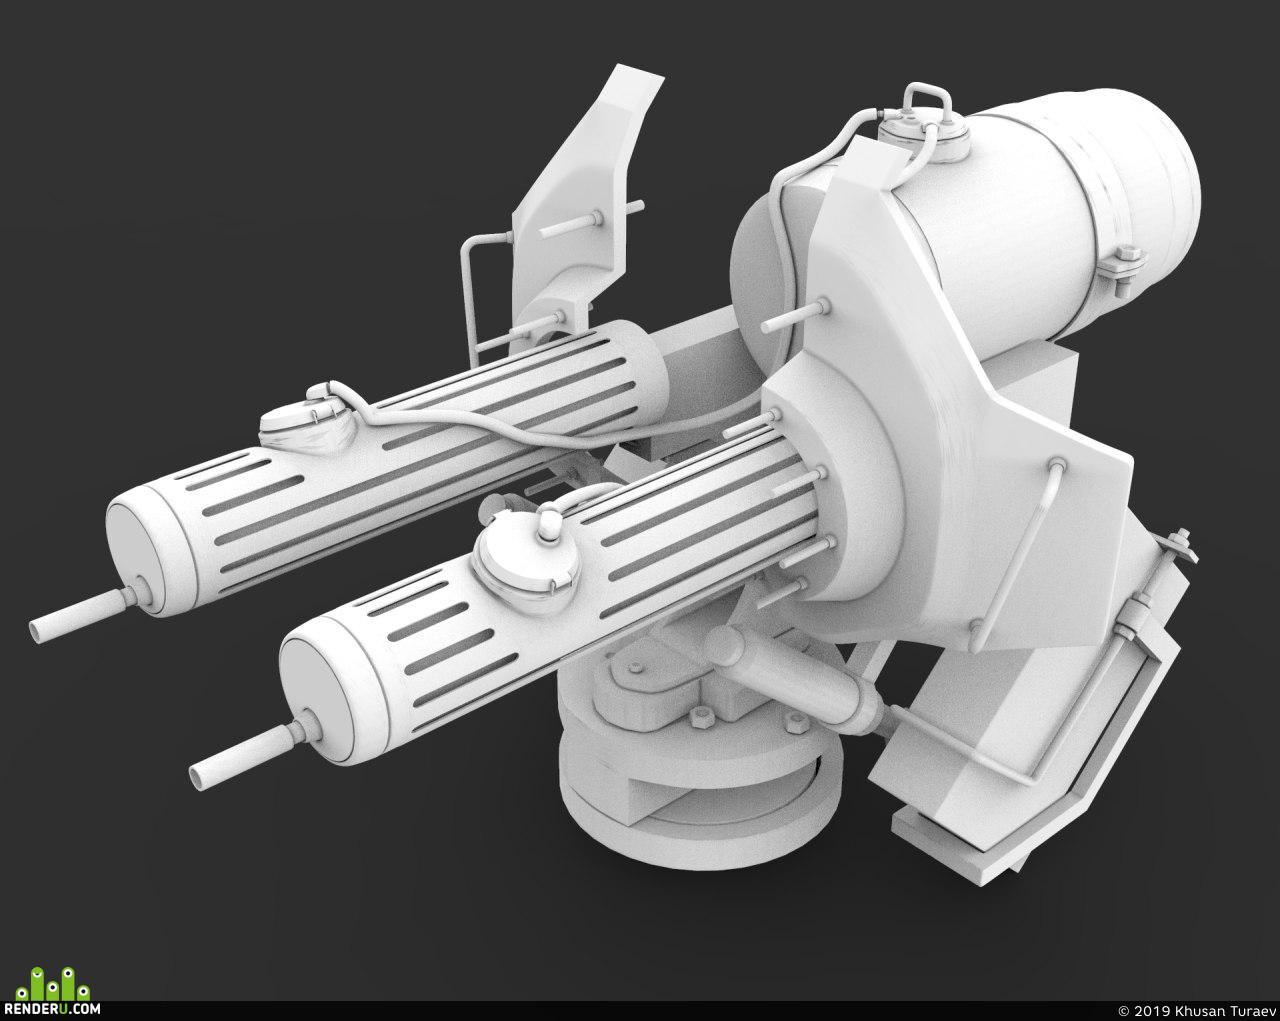 turel, guns, sci-fi